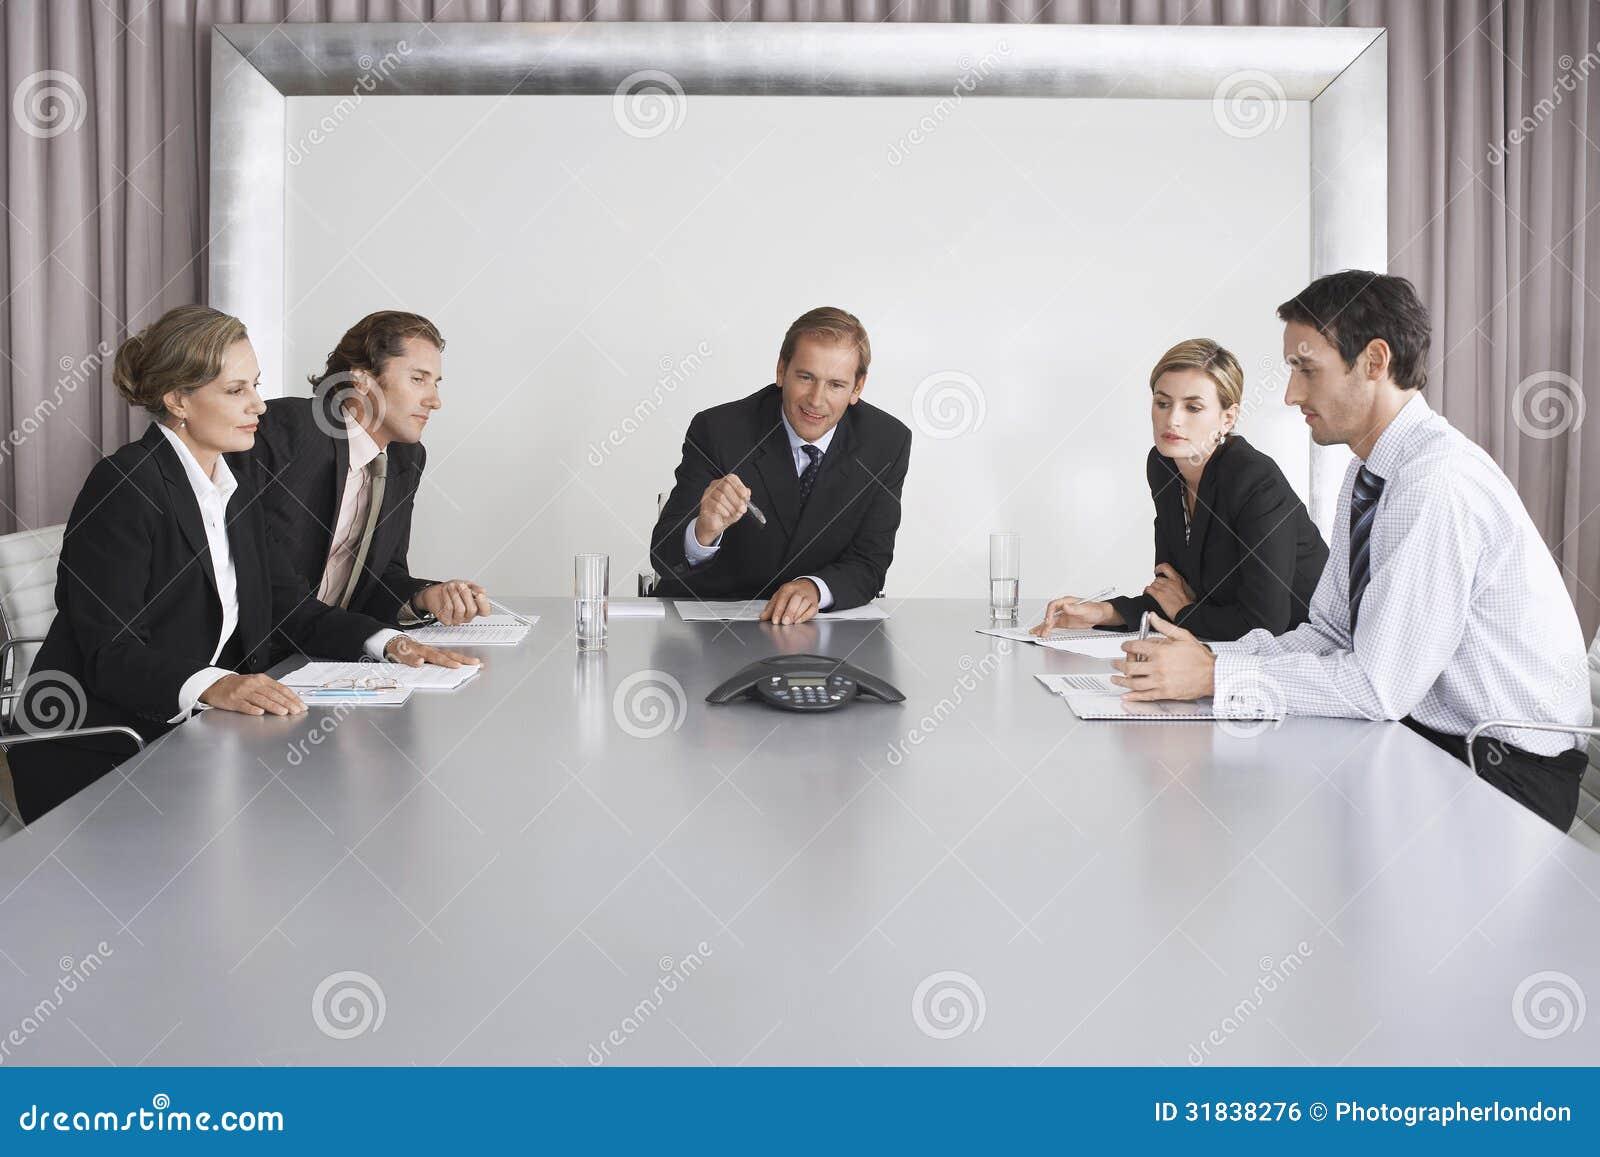 Бизнесмены на селекторном совещании